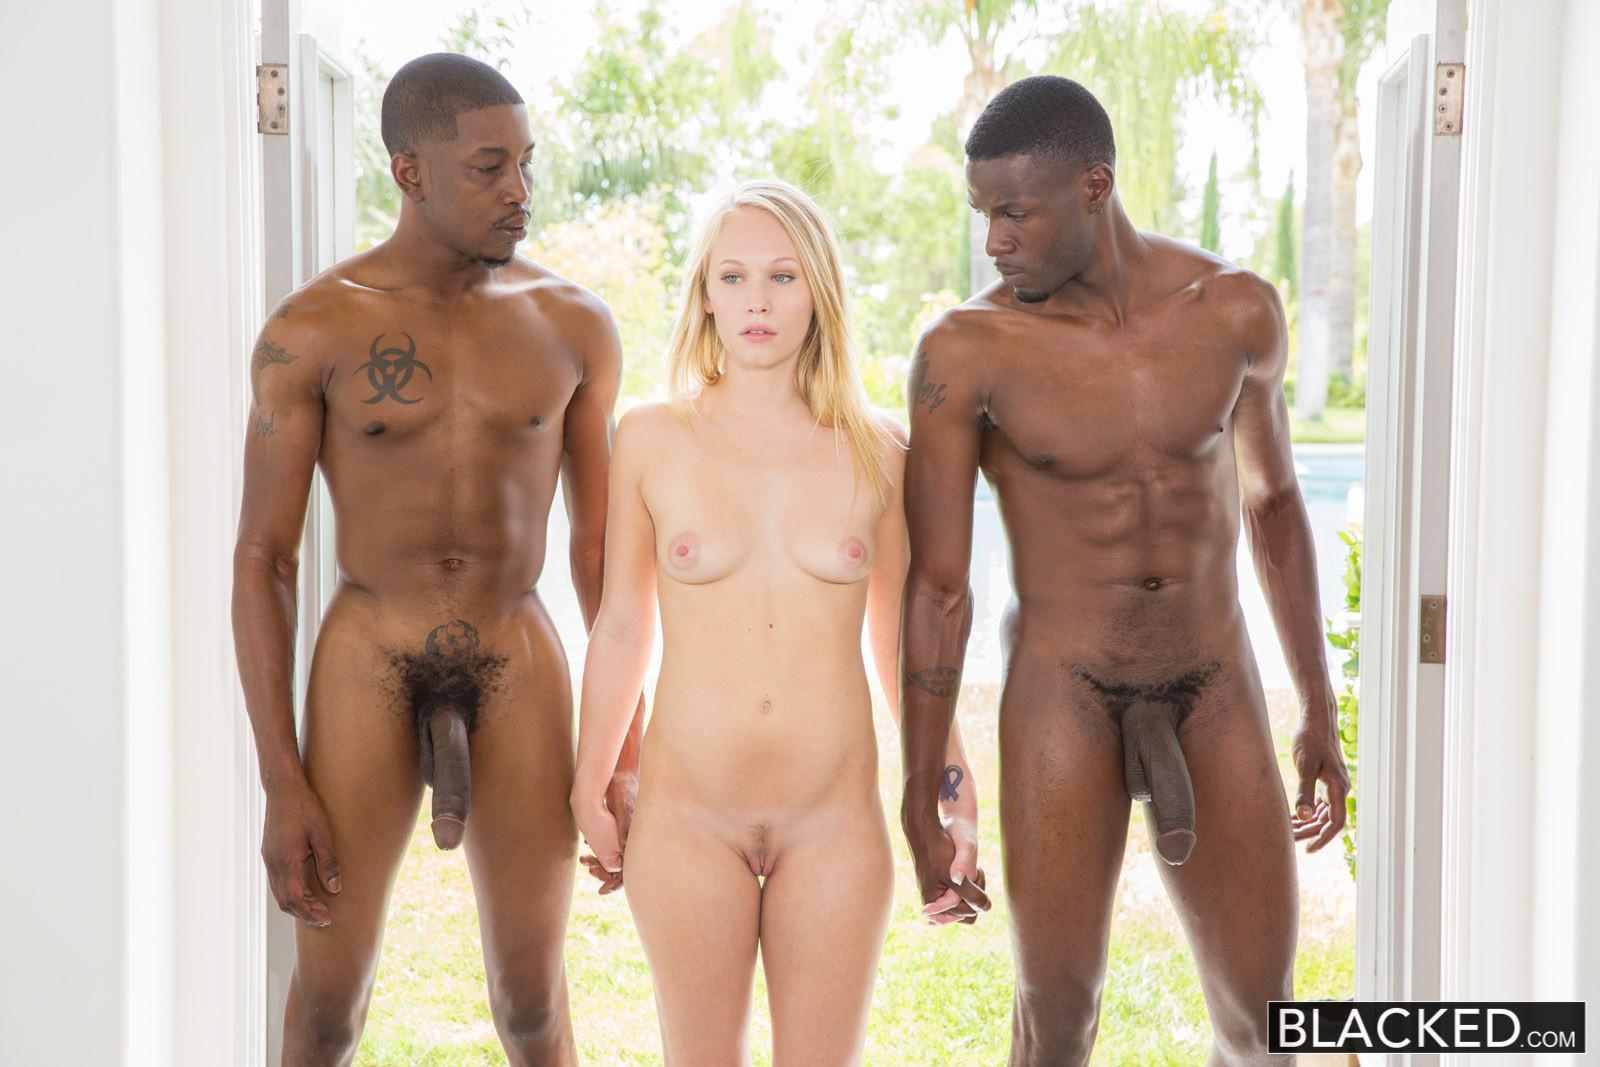 Блондинка оказывается между двумя огромными негритянскими членами - ей нравится мужское внимание